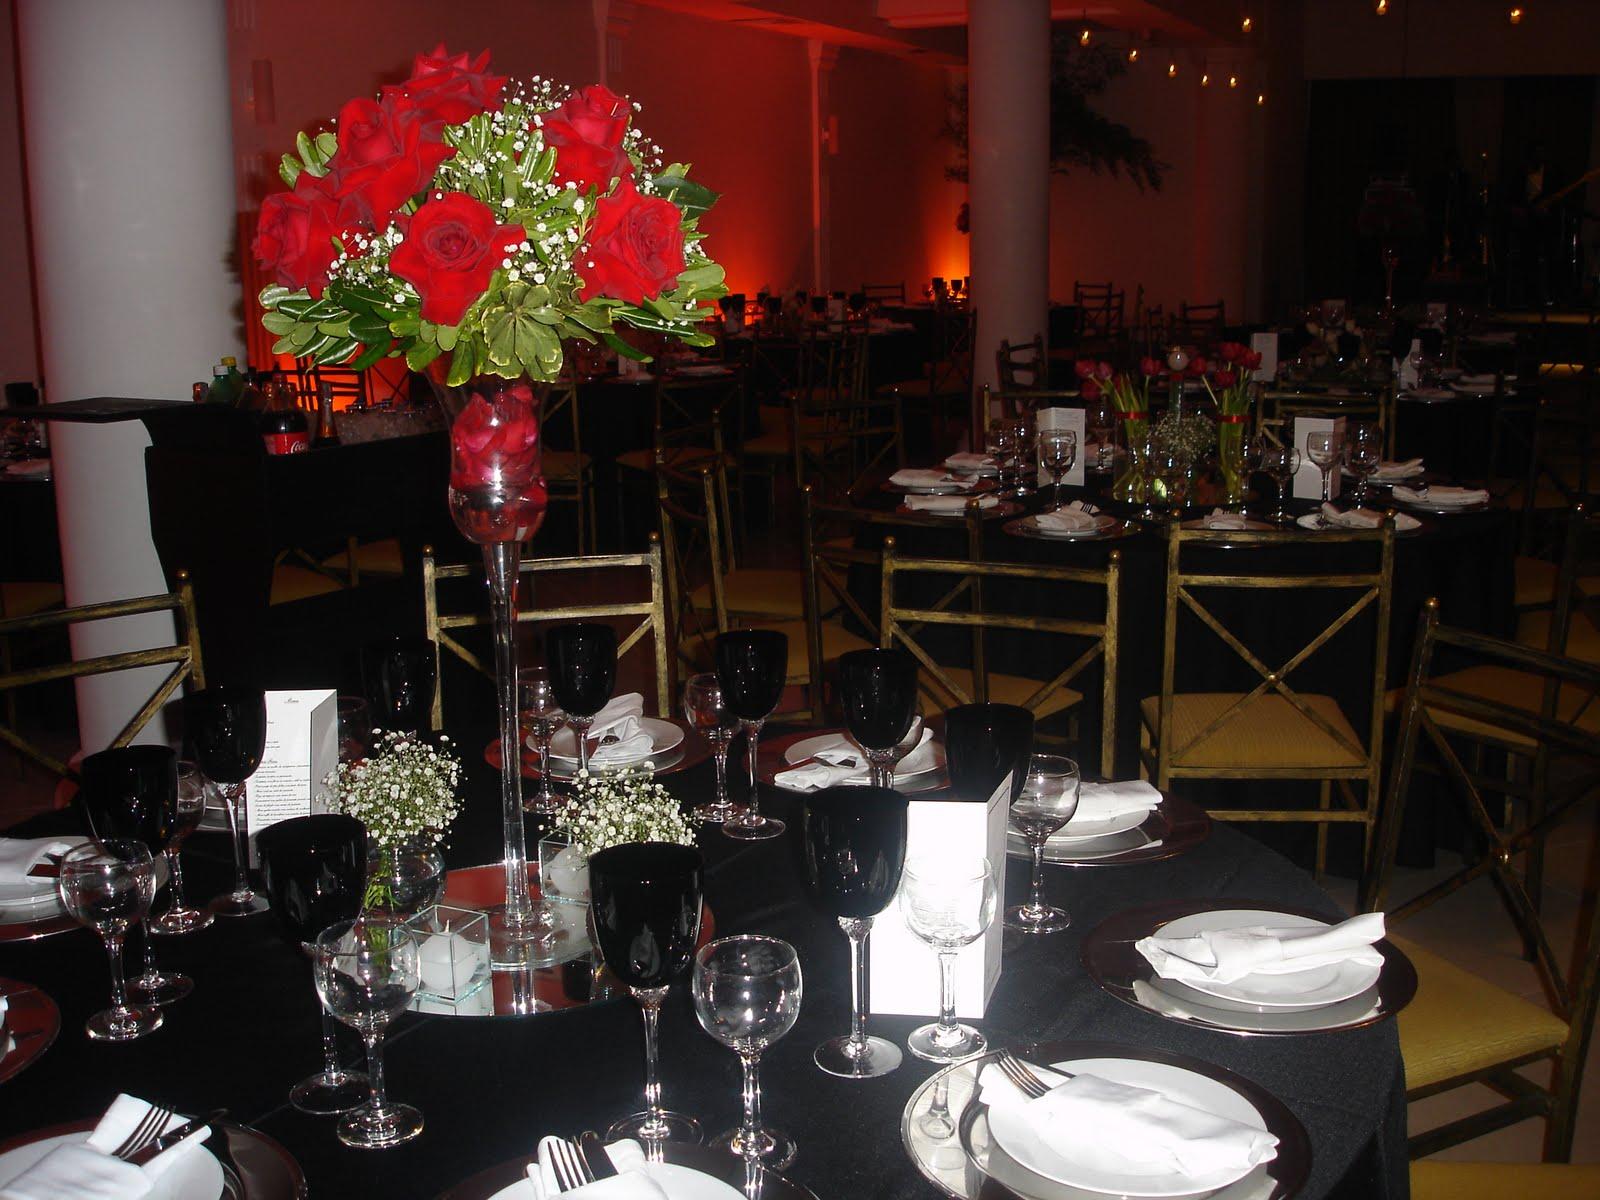 festas decoracao decoracao de festas decoracao festas preto e vermelho ...